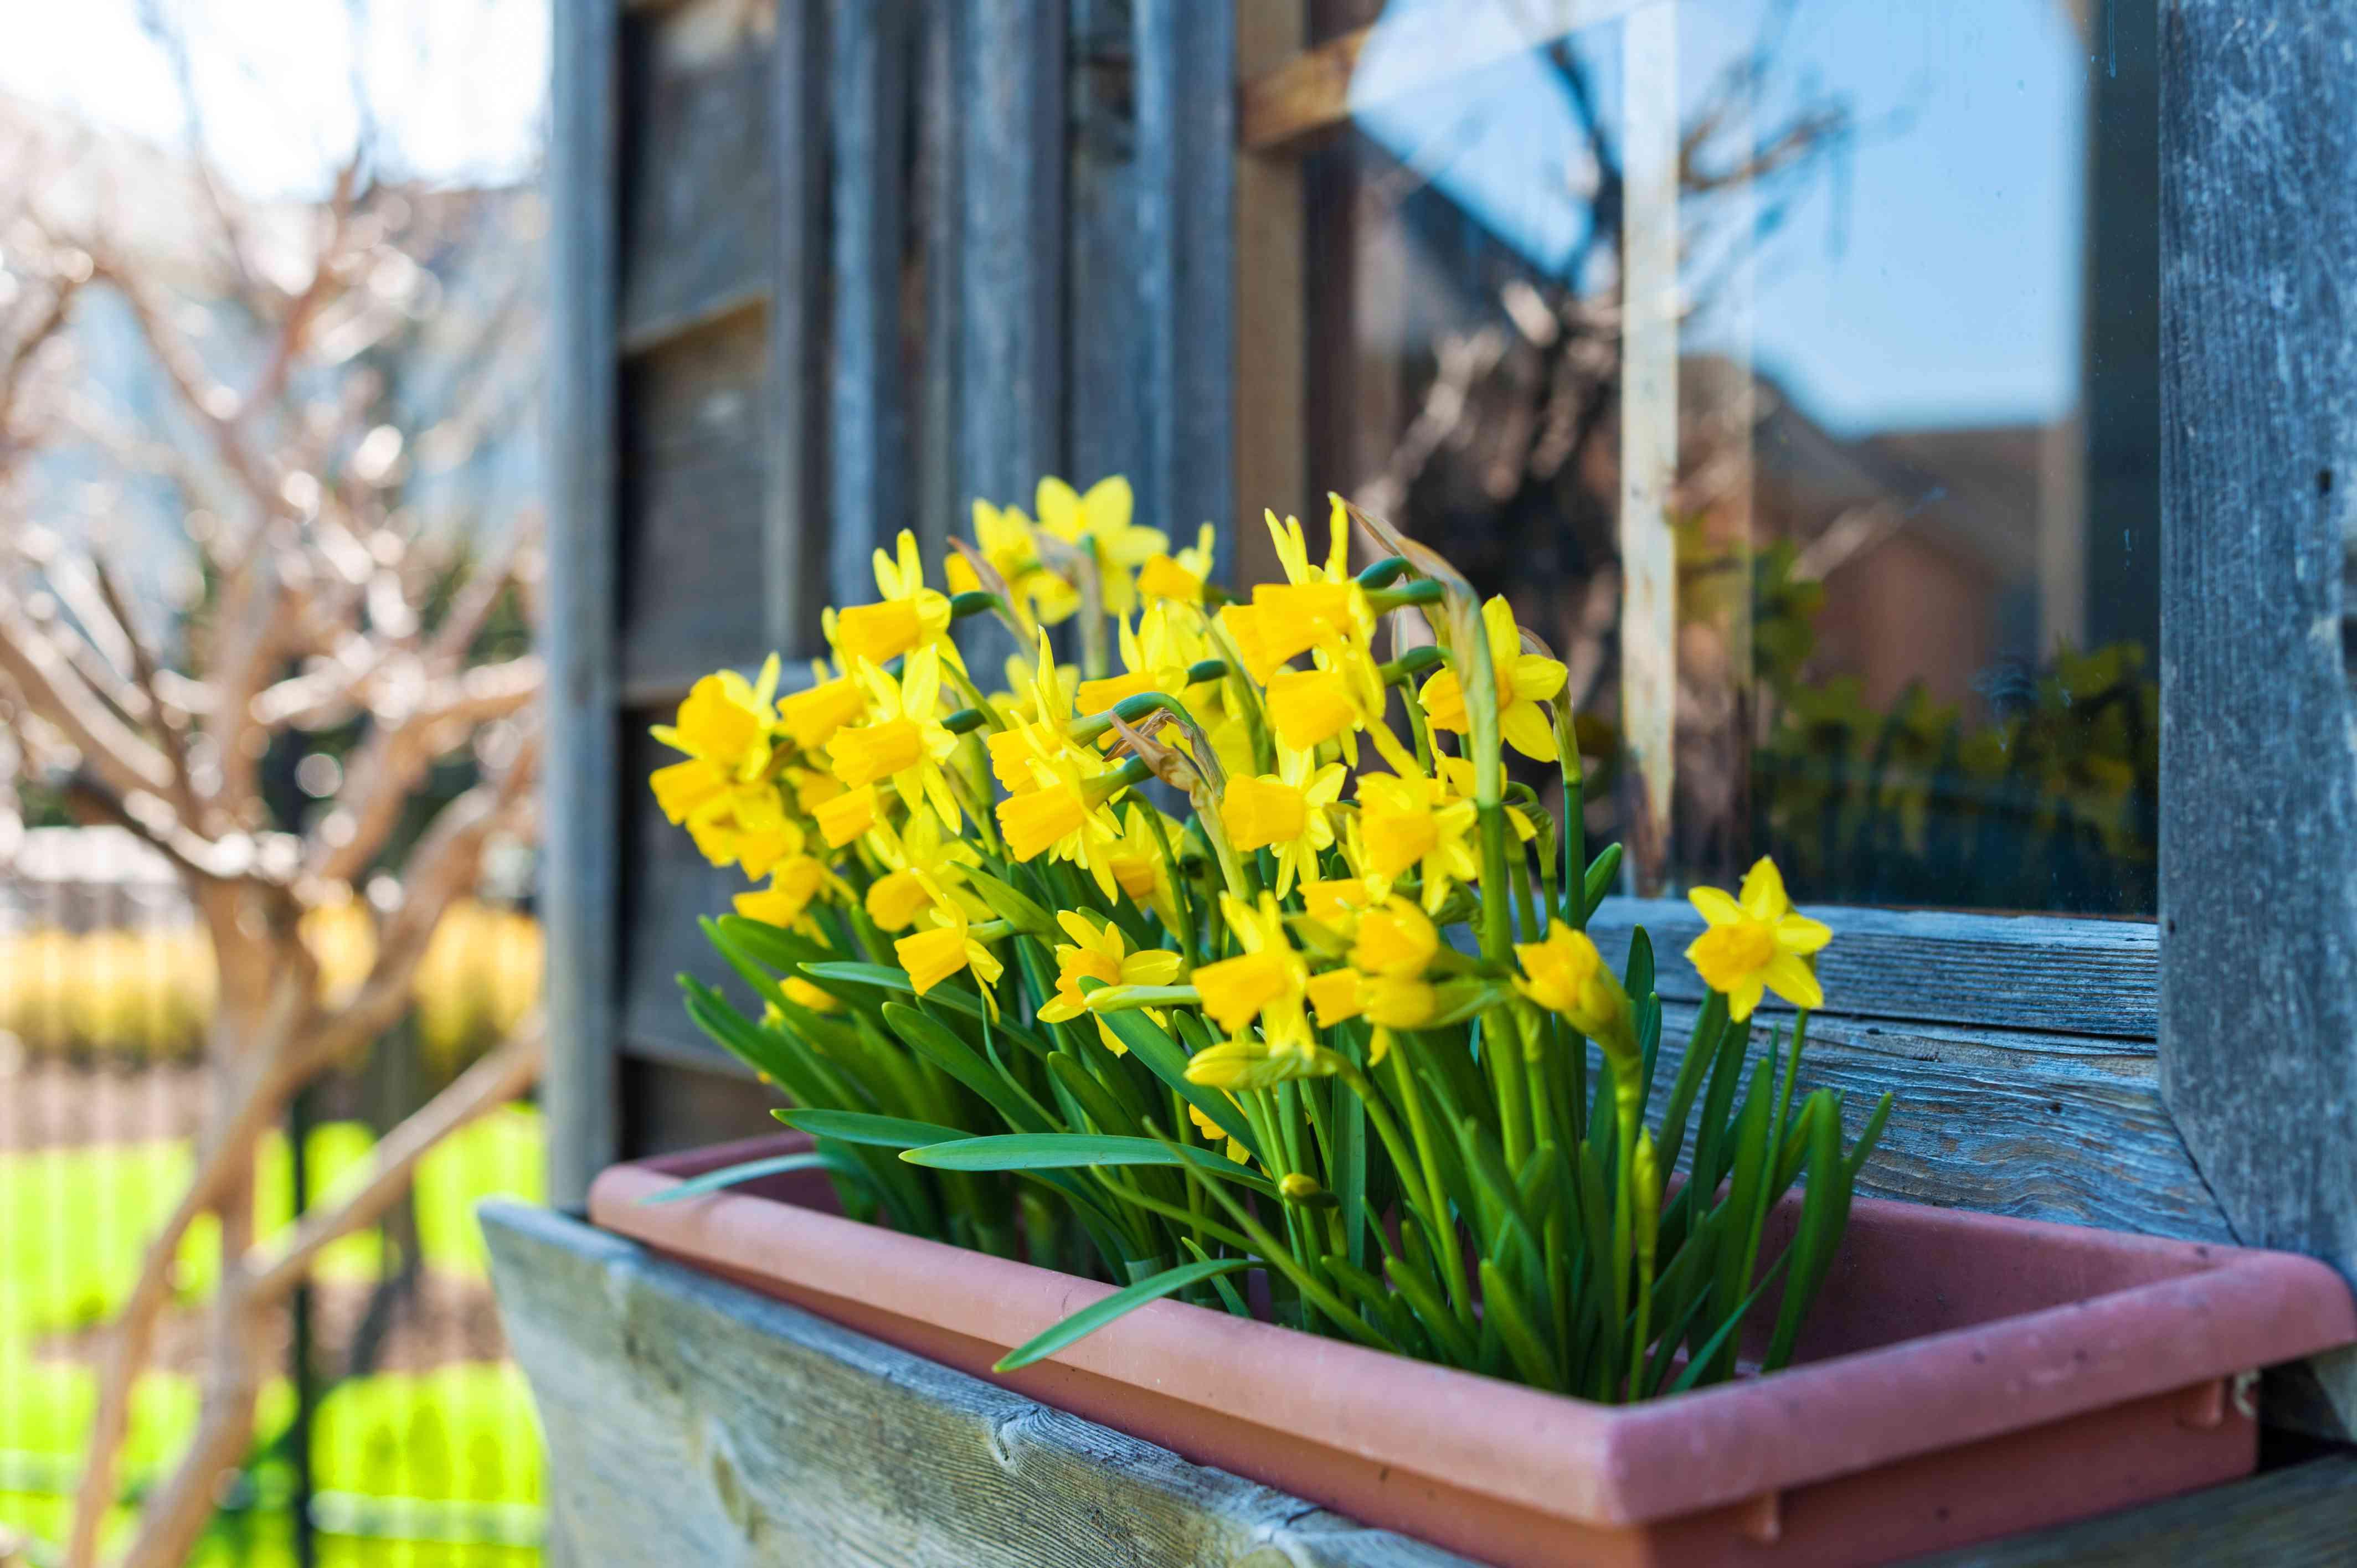 Daffodils in a window box